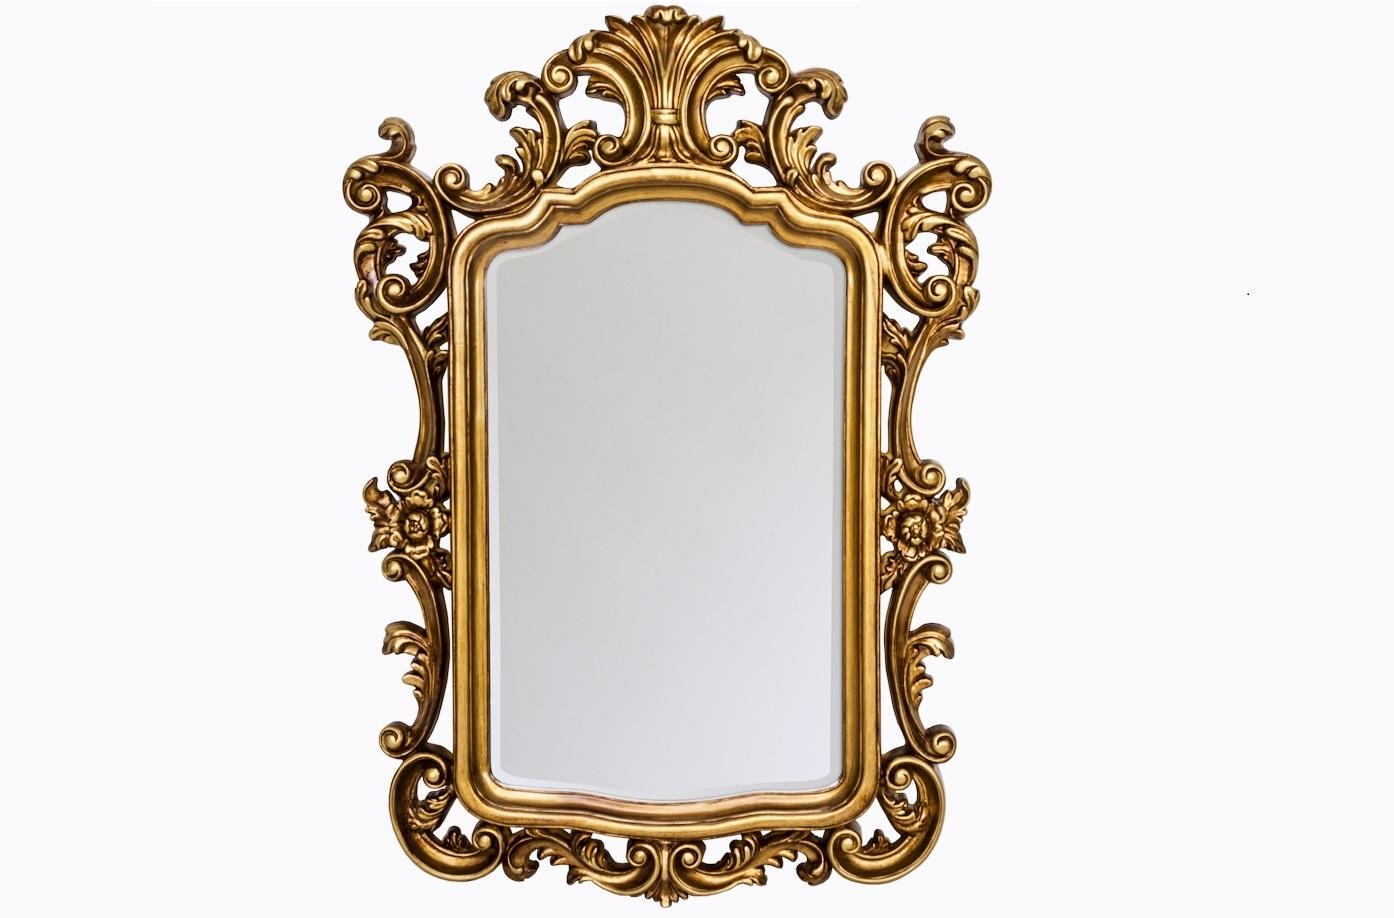 Настенное зеркало «Версаль»Настенные зеркала<br>Архитектурный рельеф зеркала &amp;quot;Версаль&amp;quot; достоин дворцового тронного зала. Пред лицом такого зеркала любая модная примерка разыграется в торжество версальского бала! Среди зеркал особенно славятся экземпляры с контурным фацетом, который отличает обычные бытовые модели от богемных салонных дизайнов. Чем вычурнее форма зеркала, тем выше престиж фацета. При ярком освещении радужный отлив его ювелирных граней подобен световому иллюзиону! Строгий прямоугольный центр заигрывает с окружающим витиеватым резным узором: зеркало &amp;quot;Версаль&amp;quot; угождает одновременно и романтическим, и сдержанным вкусам. Рам выполнена из искусственного камня, неприхотлива в уходе. Этот материал стоек к влаге и солнечному свету, краски не тускнеют и не выгорают. Вы можете смело пользоваться чистящими средствами для зеркала, не опасаясь повредить раму. Для крепления зеркала к стене предусмотрена пара надежных металлических крючков в форме ушек. Их широкий размер составляет несомненное удобство и преимущество.&amp;amp;nbsp;&amp;lt;div&amp;gt;Цвет: античное красное золото.&amp;lt;/div&amp;gt;<br><br>Material: Полистоун<br>Length см: 80<br>Width см: None<br>Depth см: 3,5<br>Height см: 110